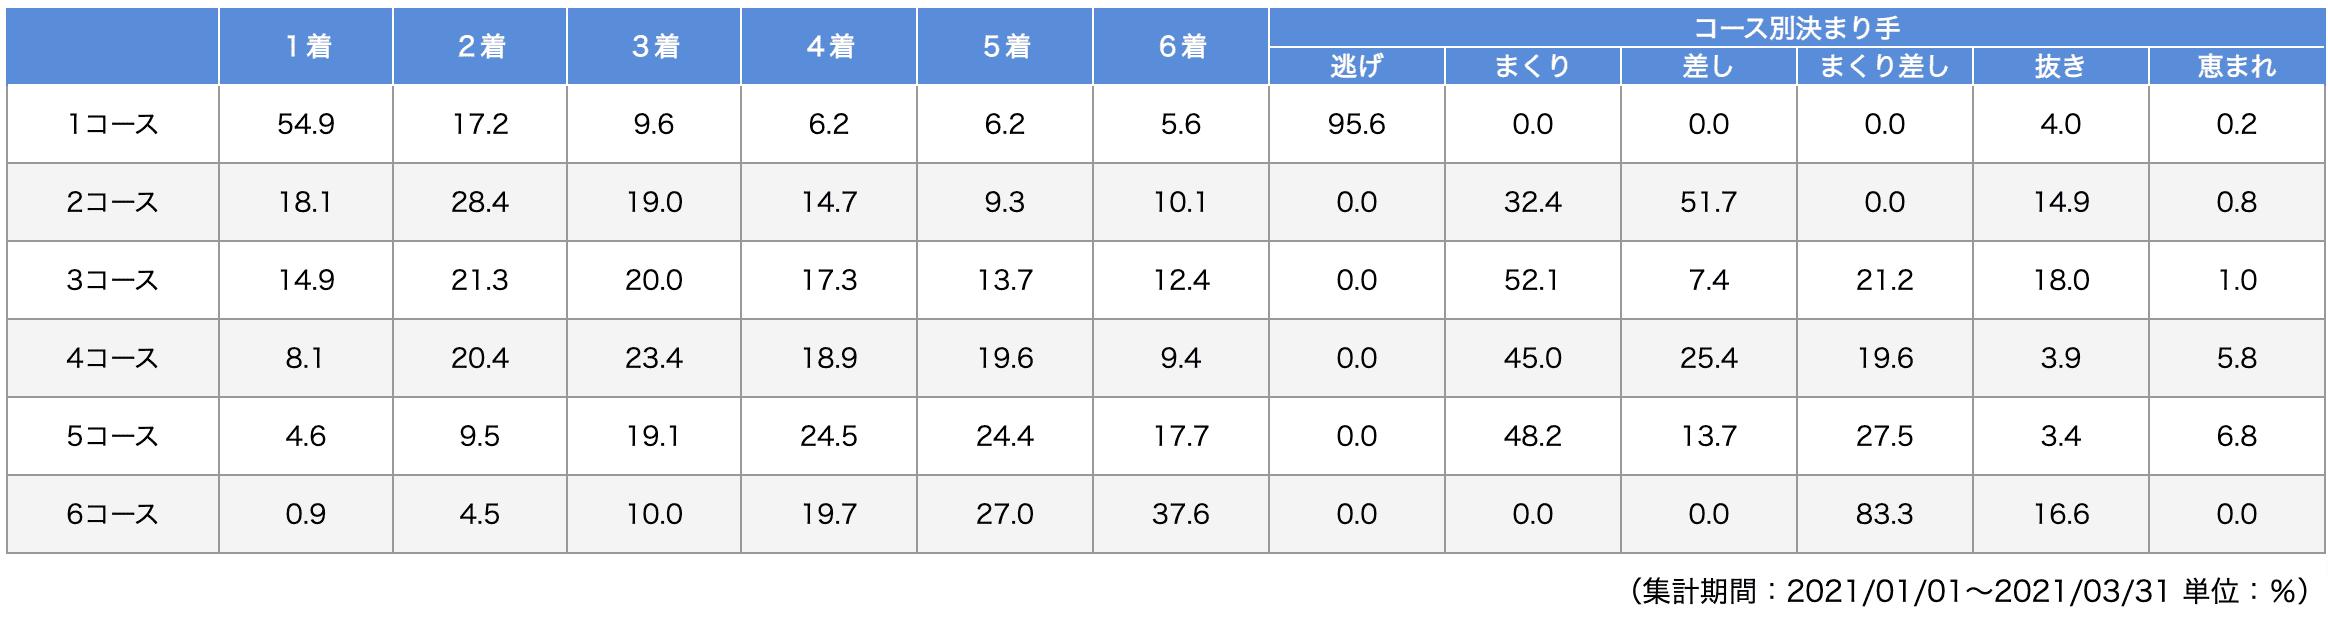 福岡競艇場のデータ